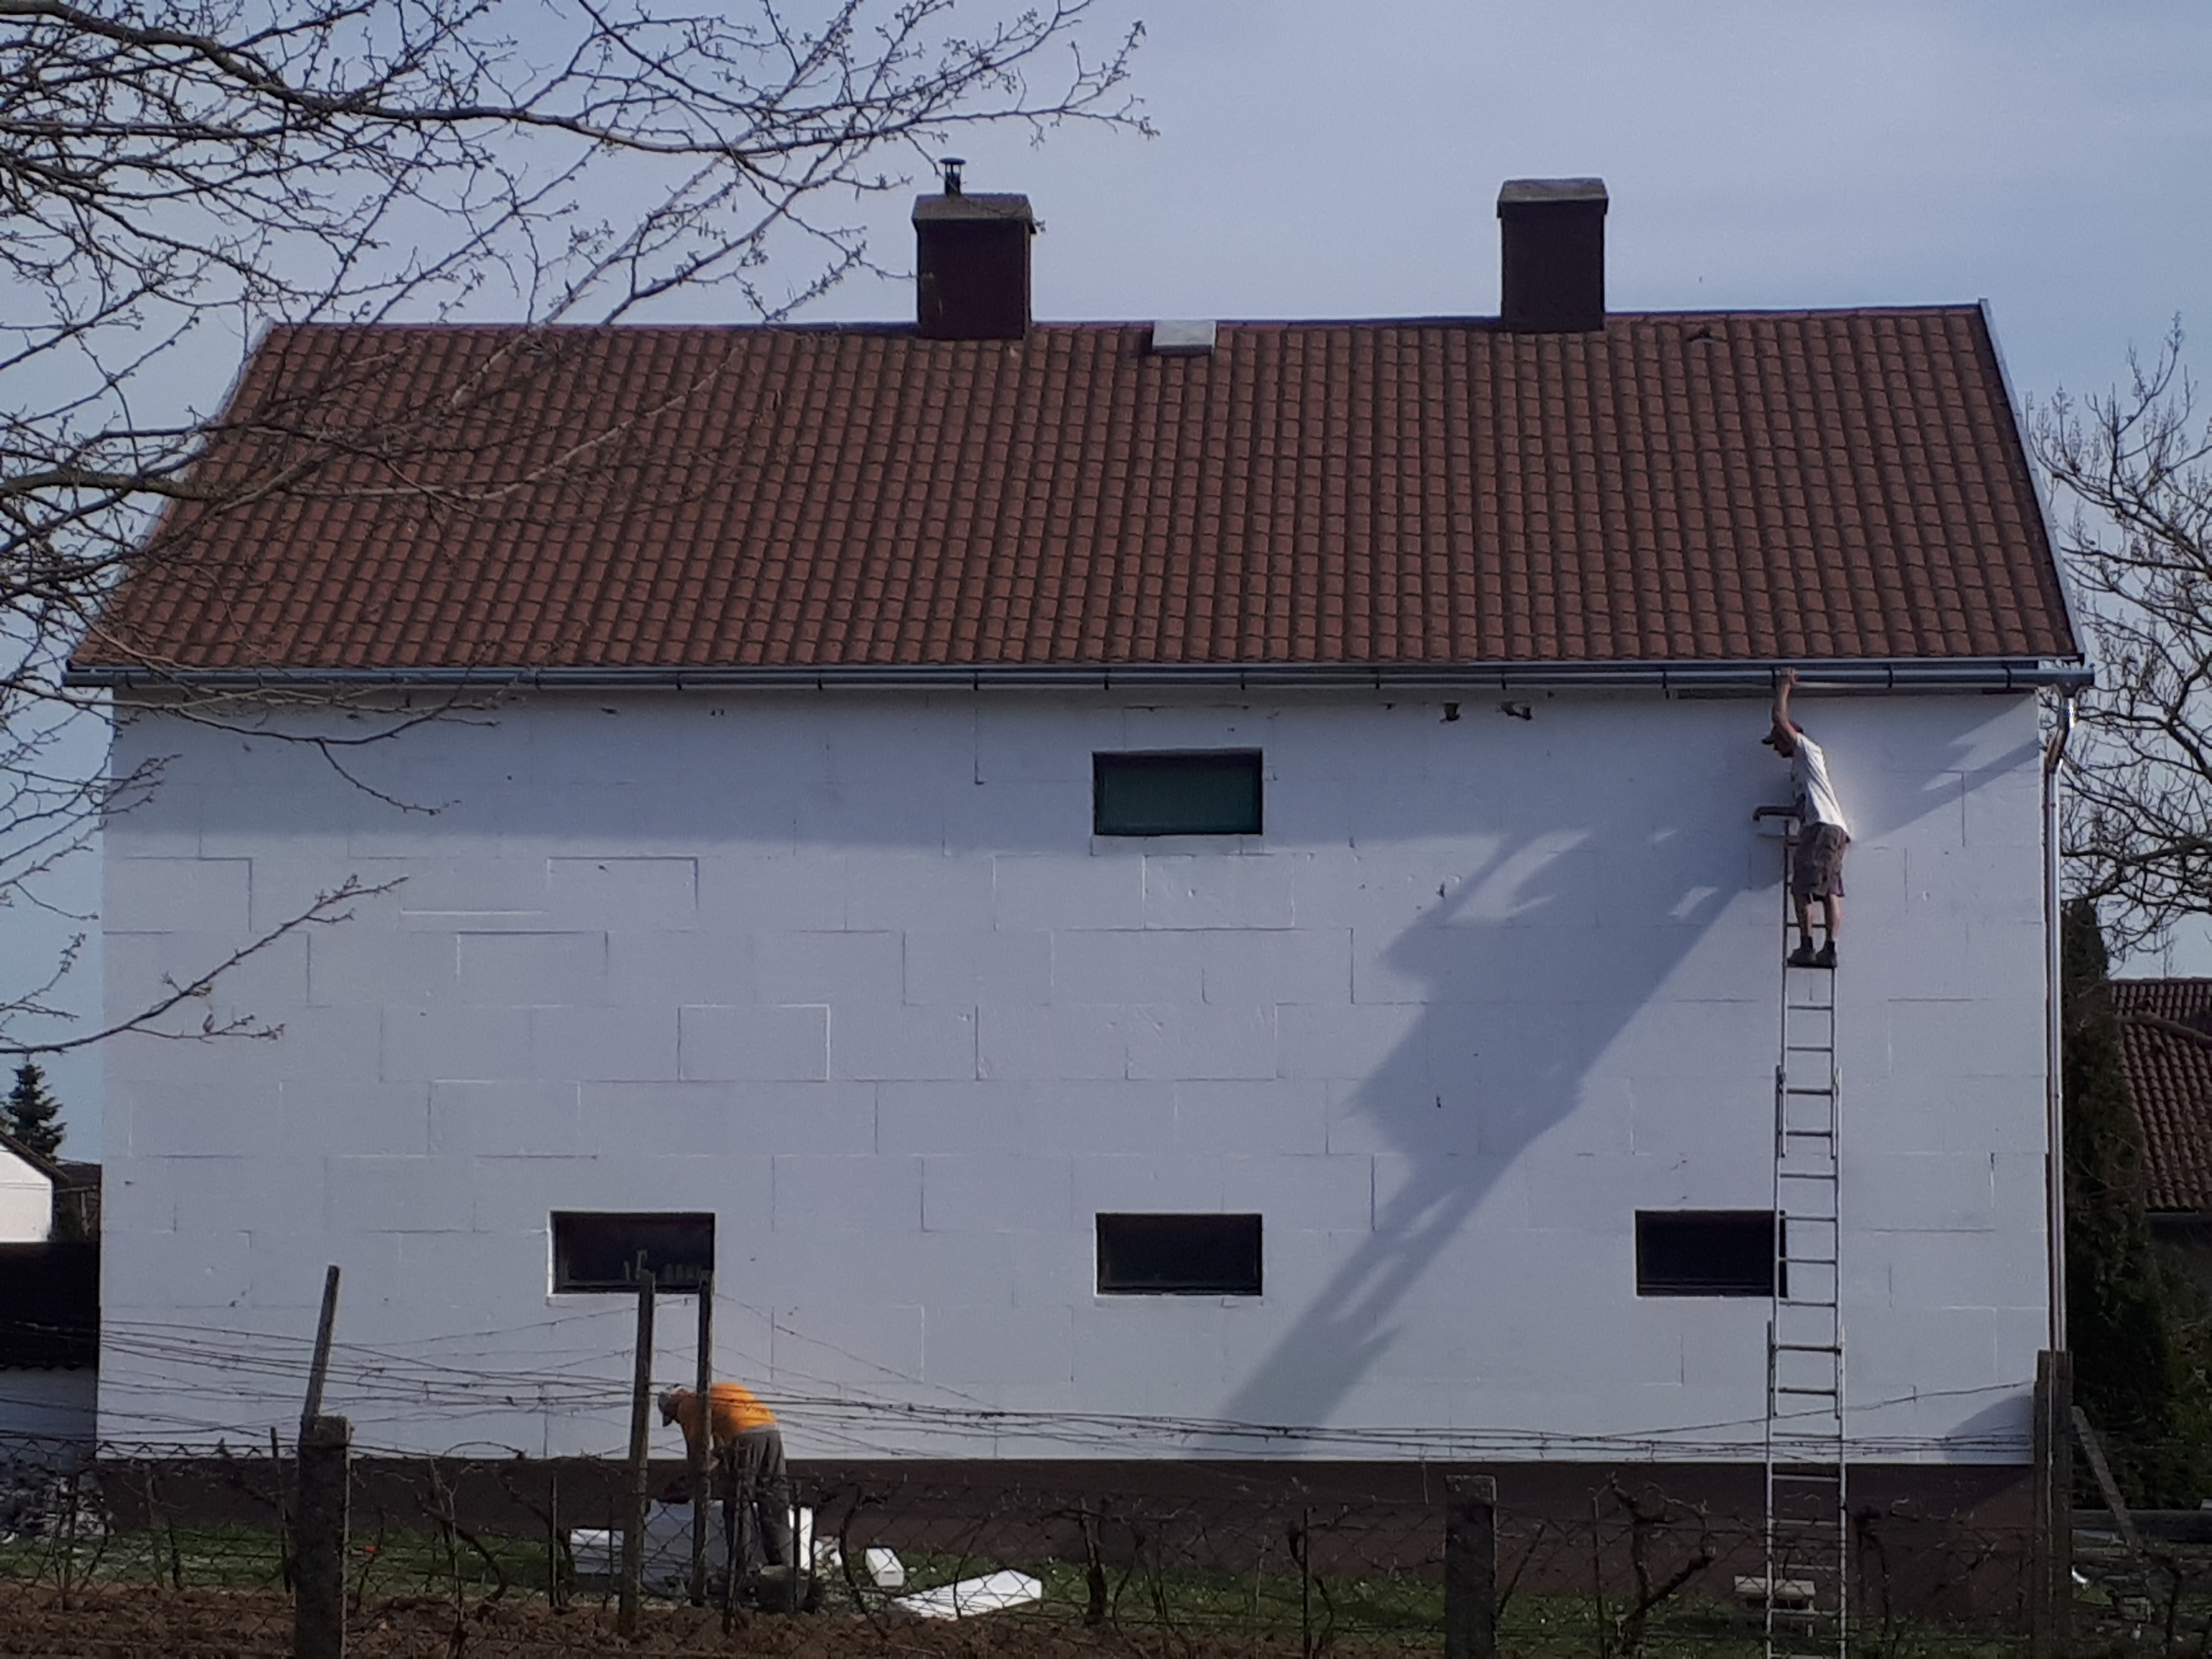 Palatető felújítás Gátér, palatető szigetelés GátérCsaládi ház palatető felújítása